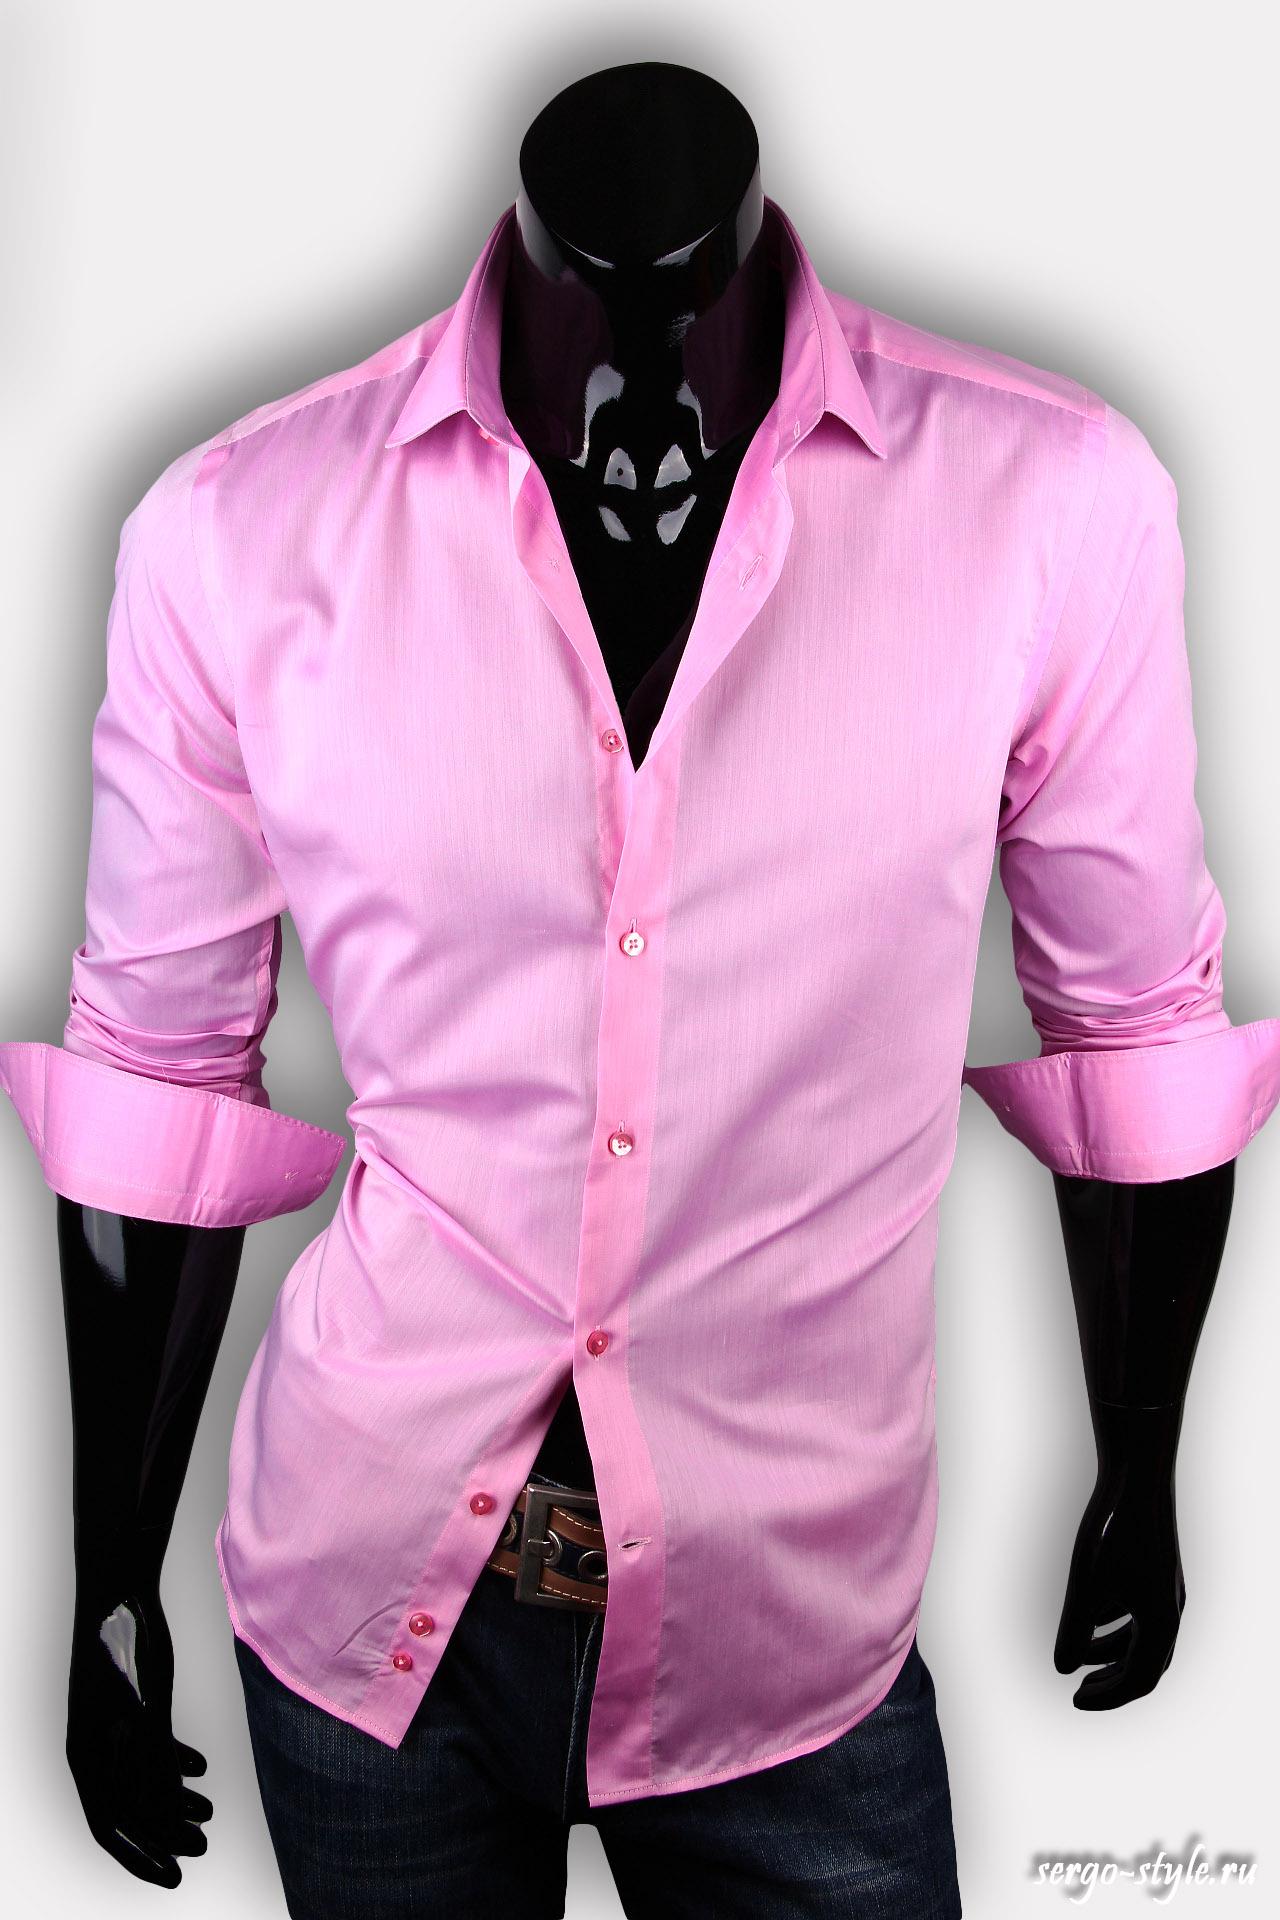 Мужская рубашка - мужские приталенные. рубашки мужские приталенные в Одинцо